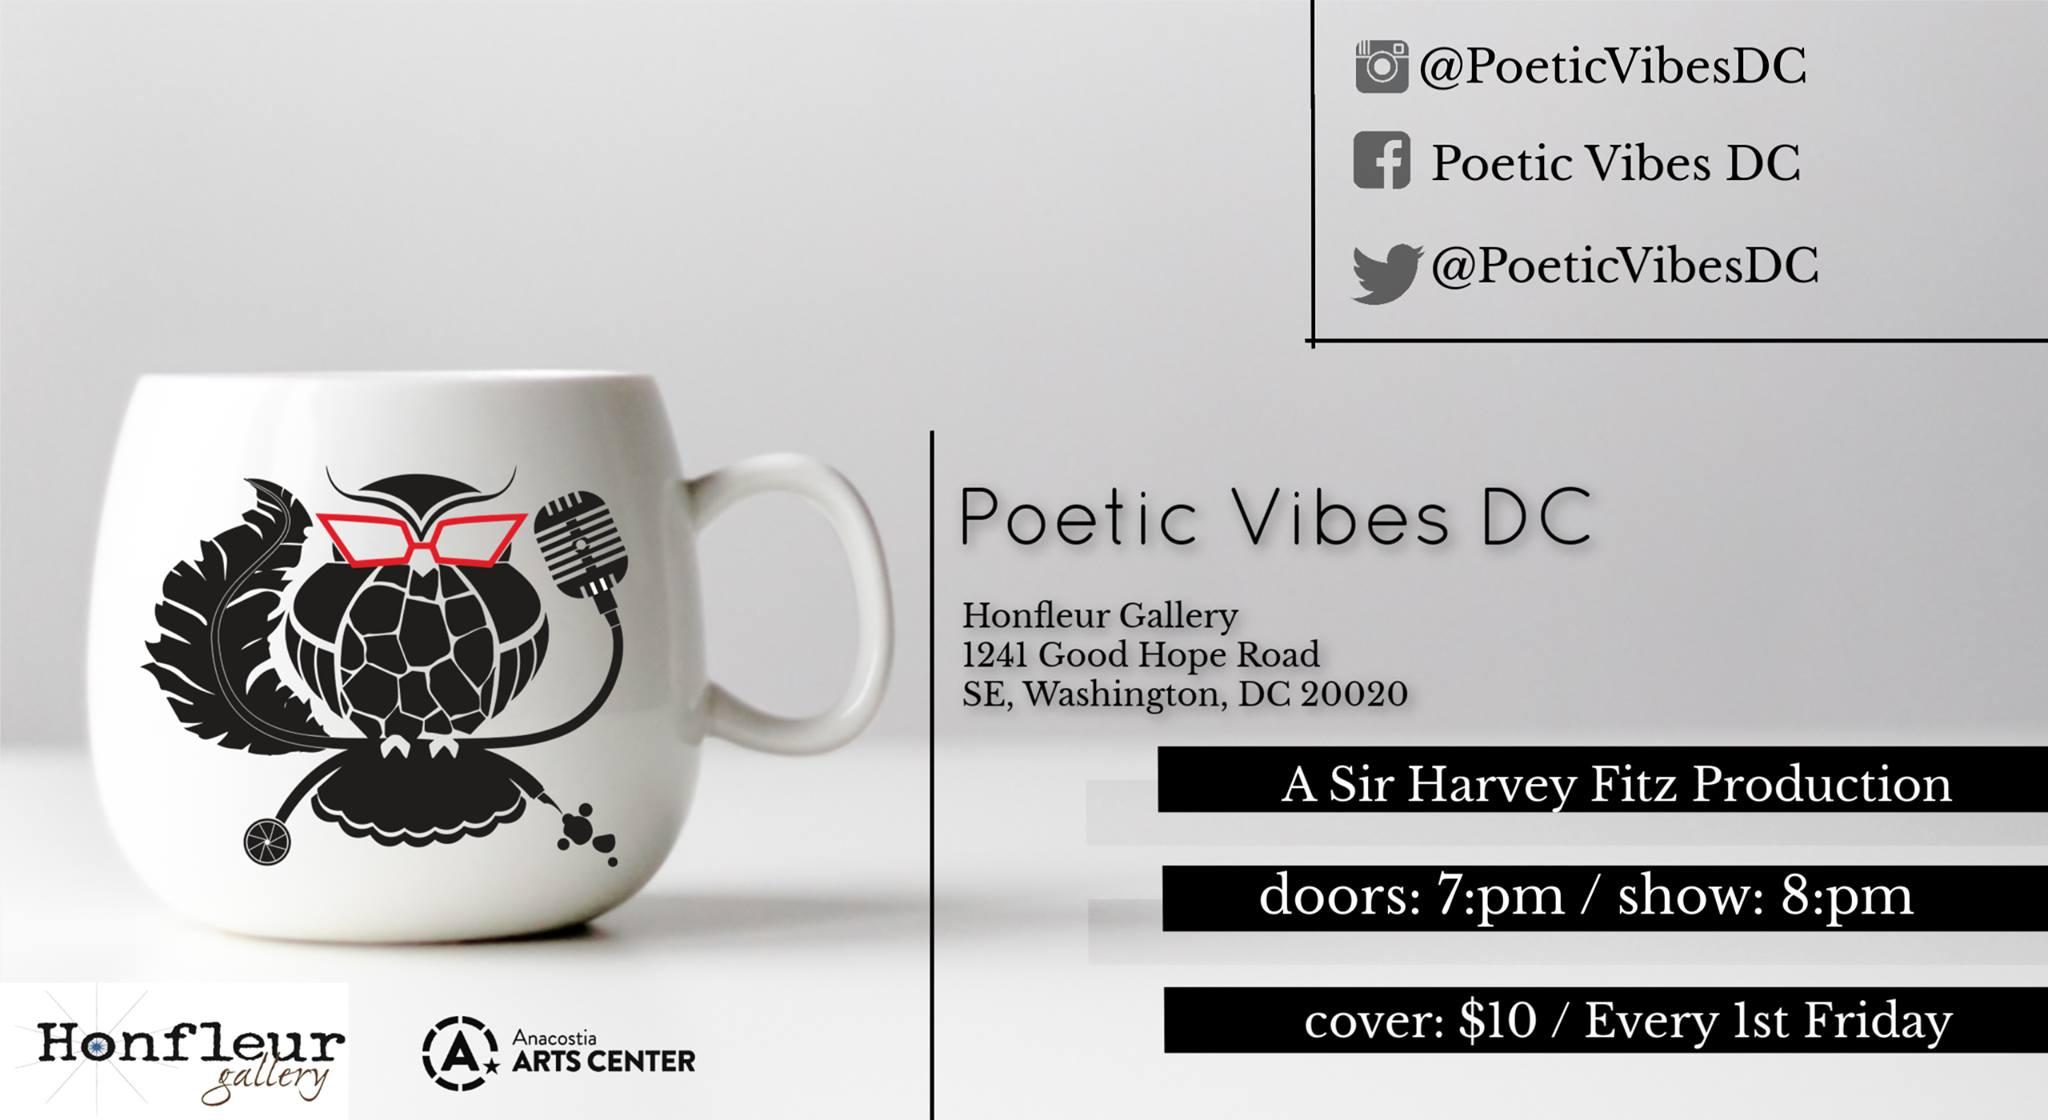 MY PICK! Jan 4 | Poetic Vibes DC @ Honfleur Gallery